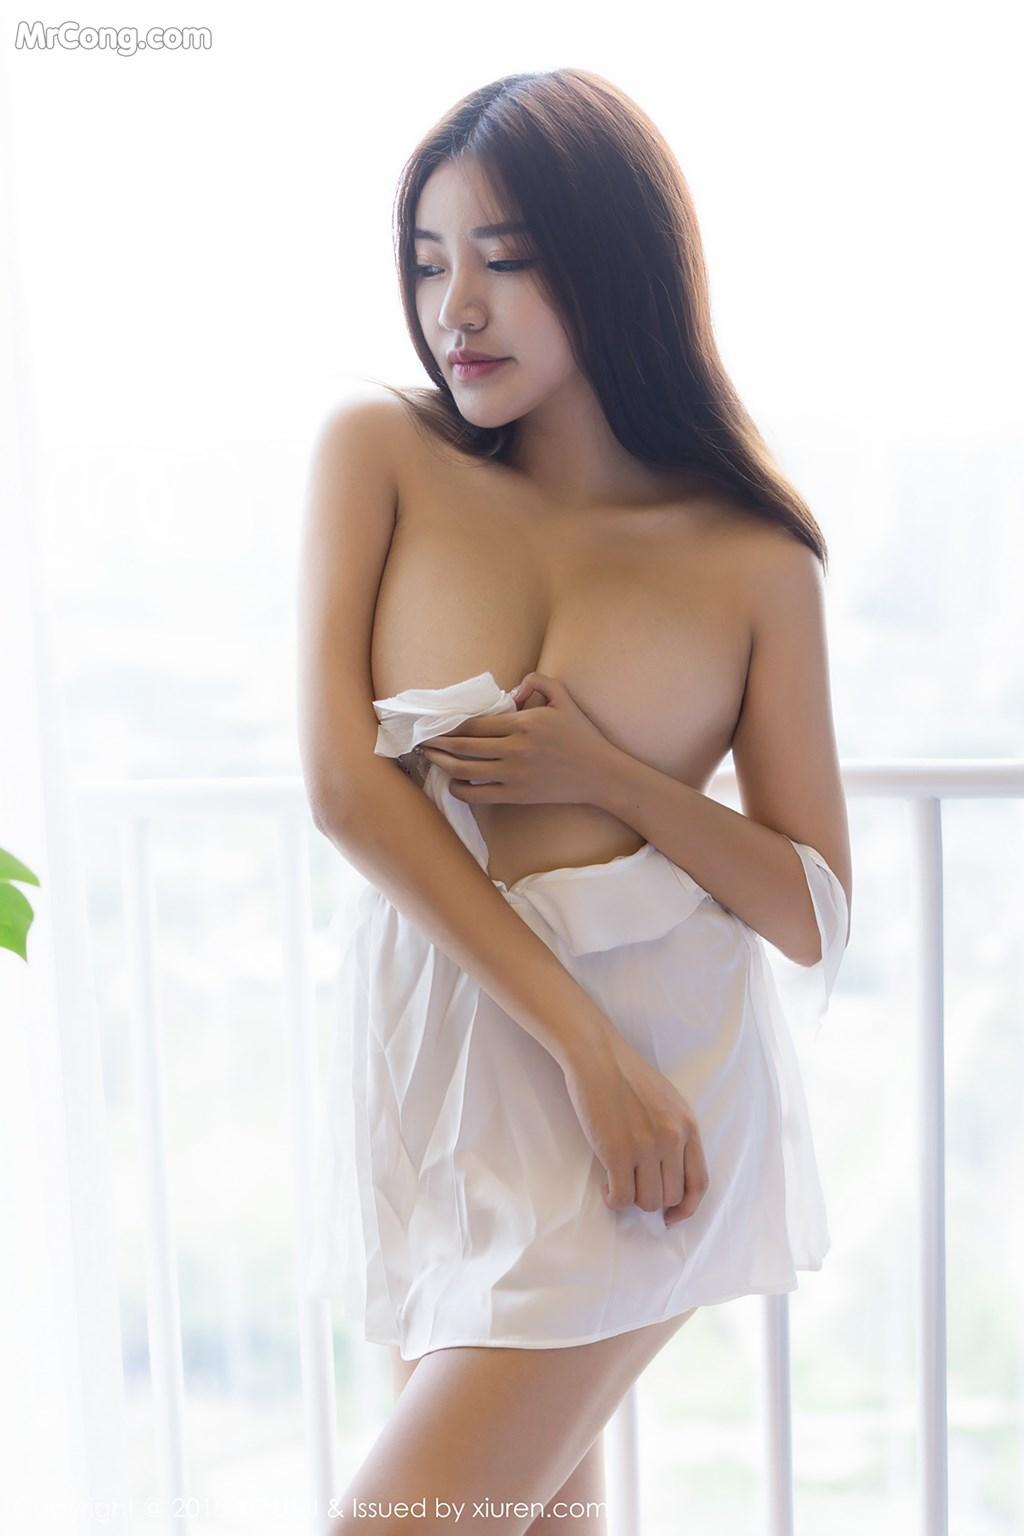 Image YouMi-Vol.232-MrCong.com-009 in post YouMi Vol.232: Người mẫu 拉菲妹妹 (45 ảnh)